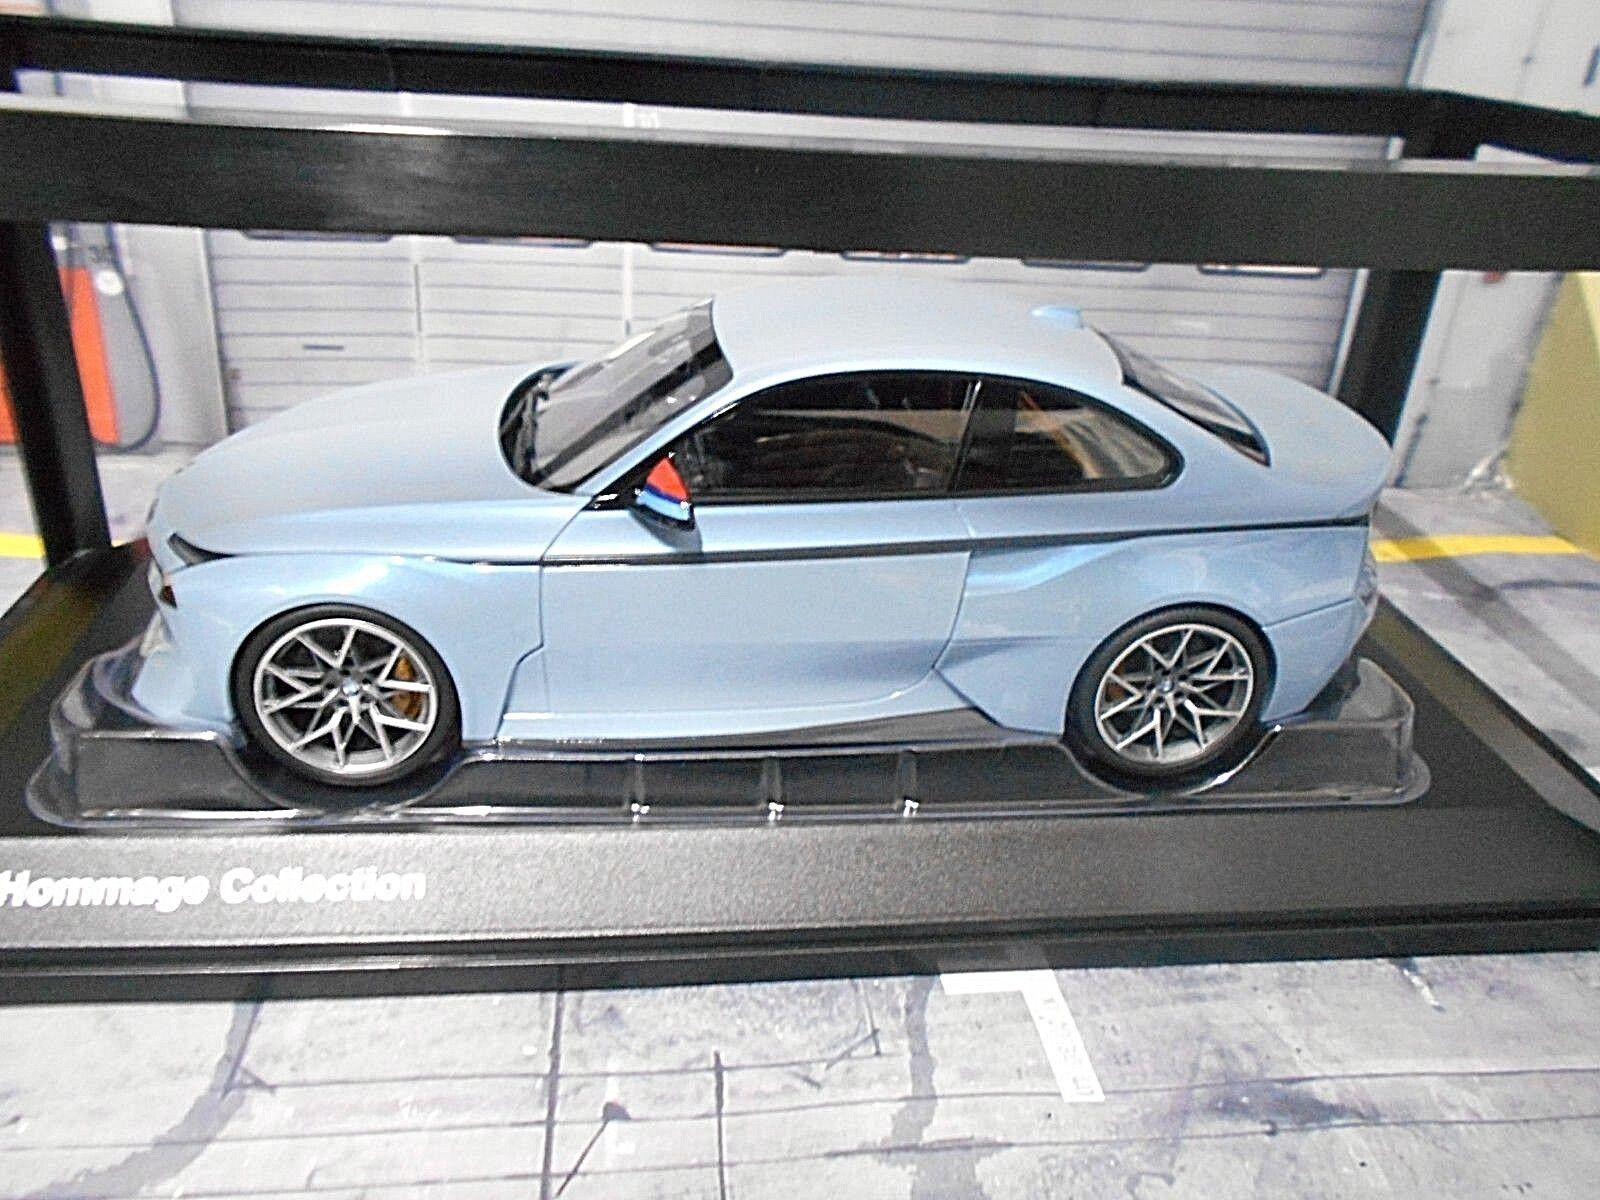 BMW  2002 Tribute m3 m4 Coupe Icebleu bleu Concept Prougeo BMW DEALER nouveau 1 18  marque de luxe